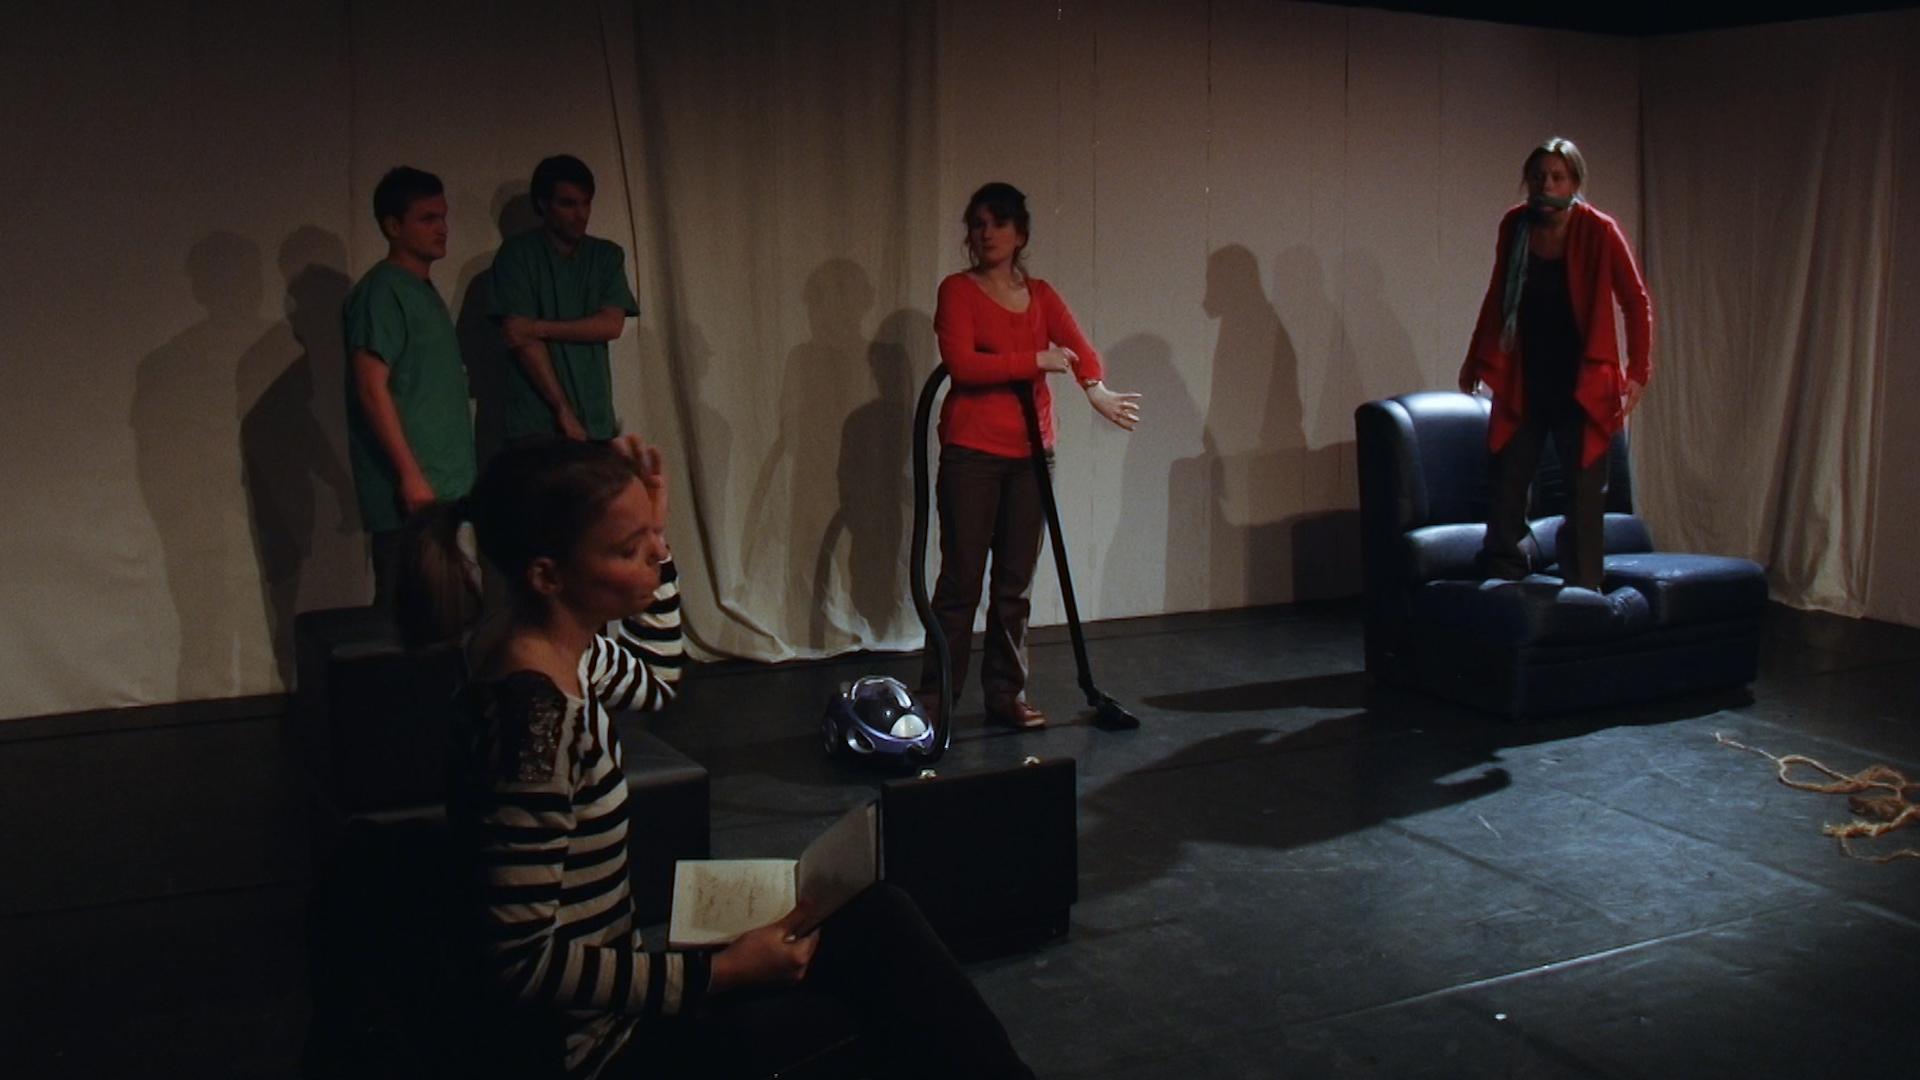 [ 2012 Novembre ] La nuit des fauves @ Gaëlis Production - Mise au point 02